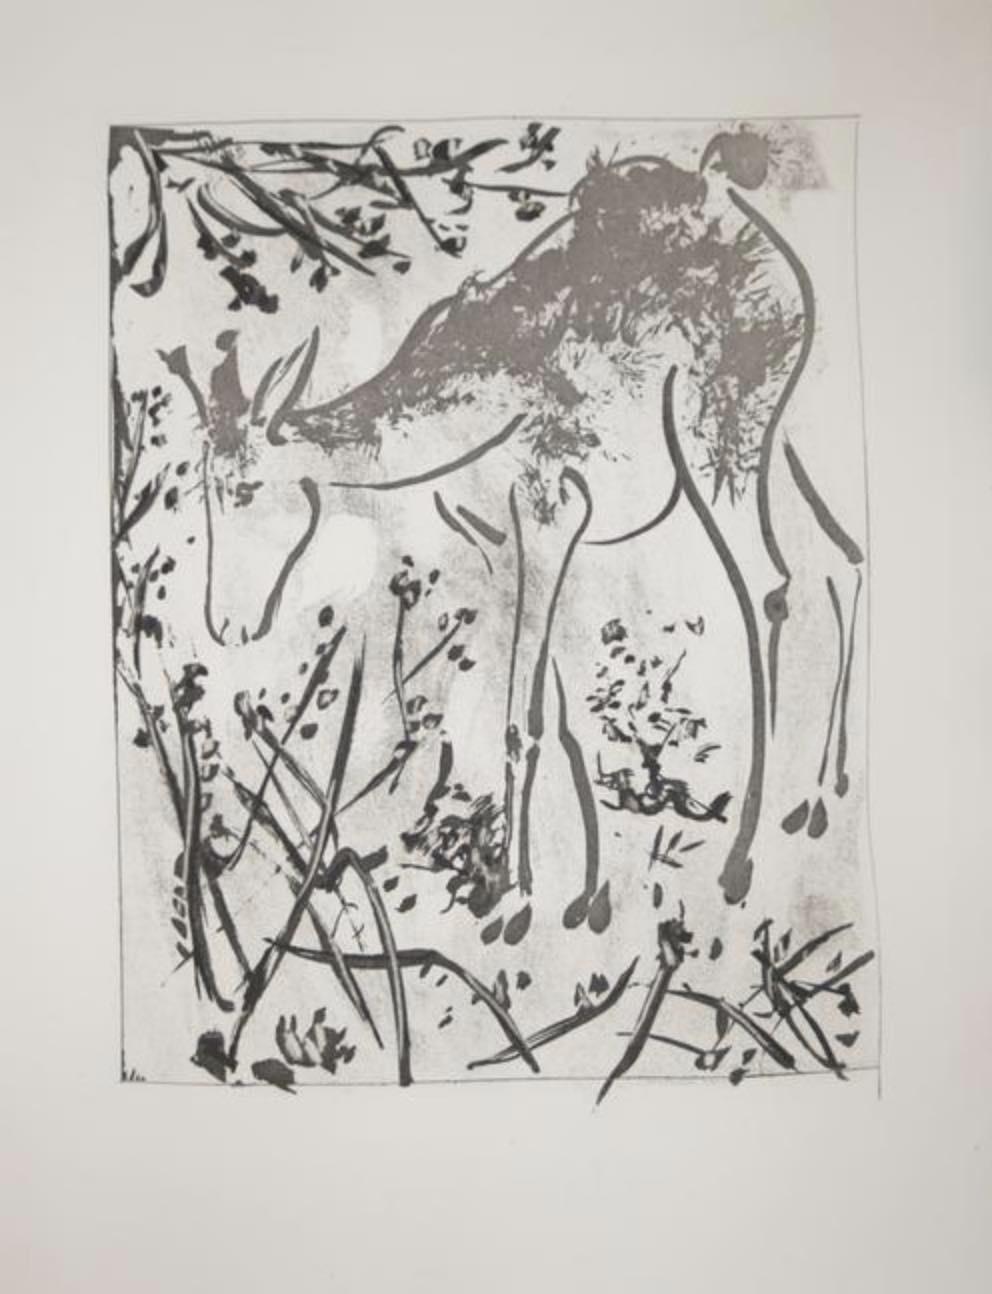 La Biche by Picasso